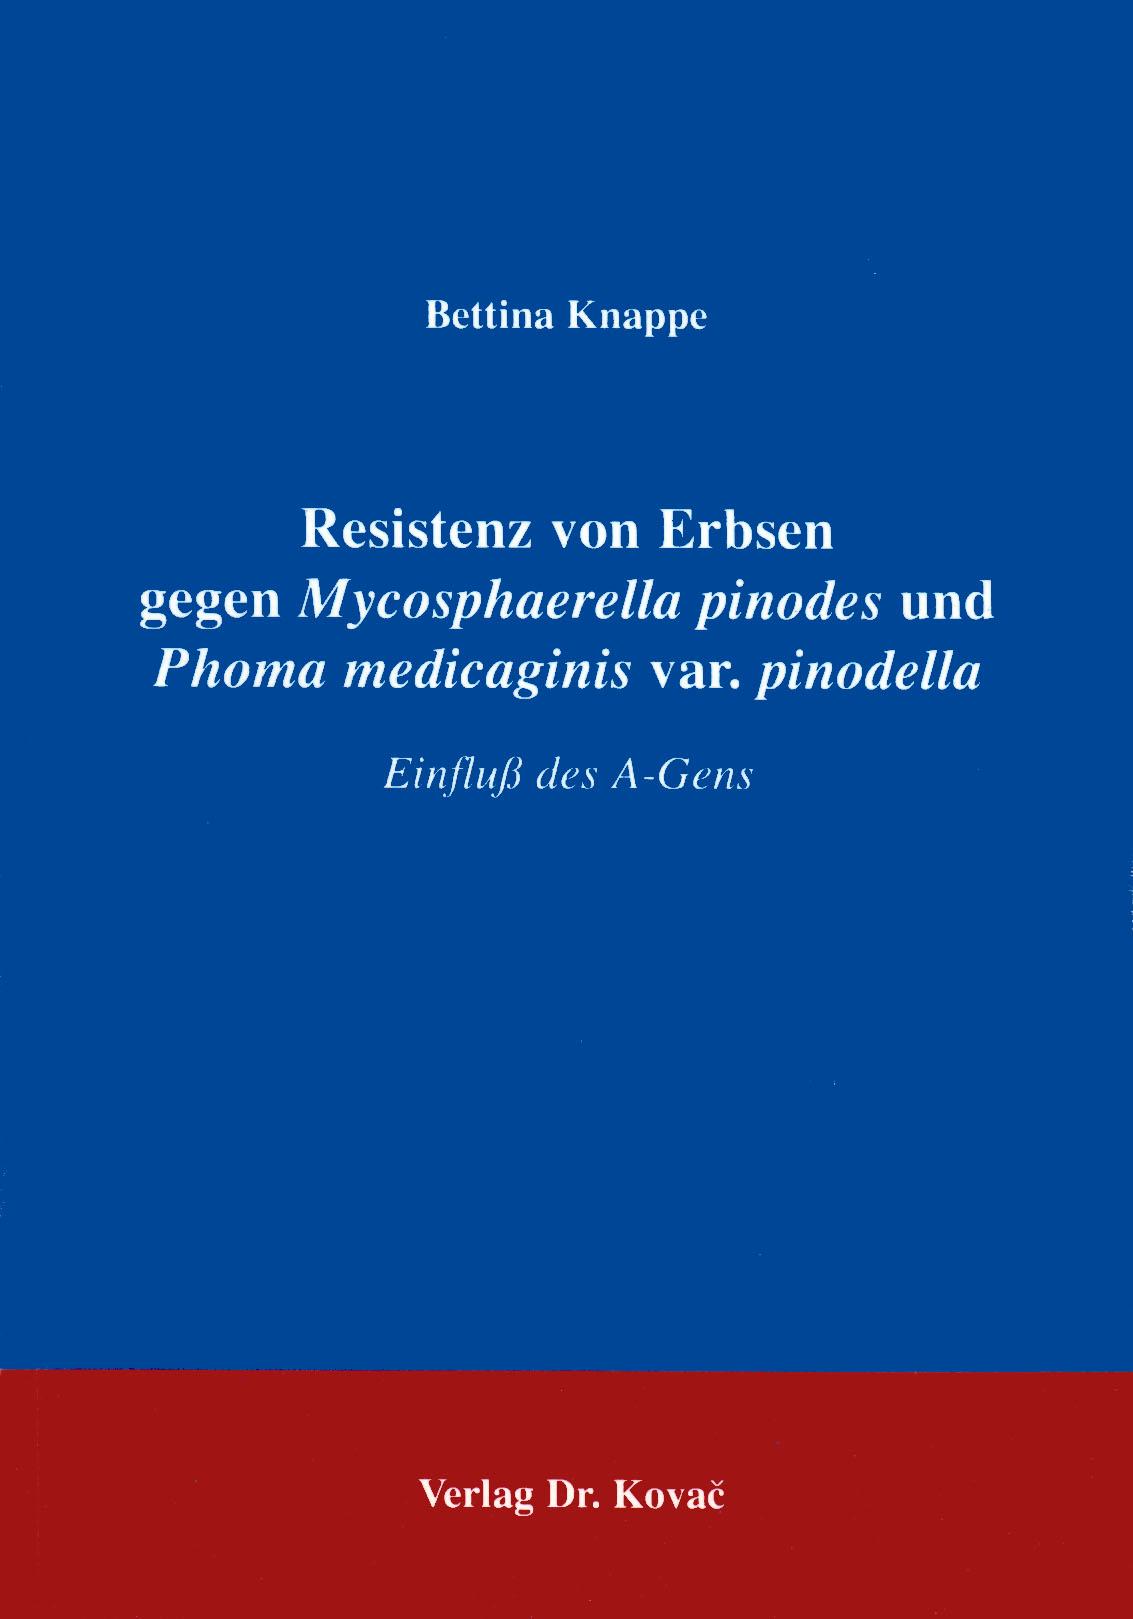 Cover: Resistenz von Erbsen gegen Mycosphaerella pinodes und Phoma medicaginis var. Pinodella